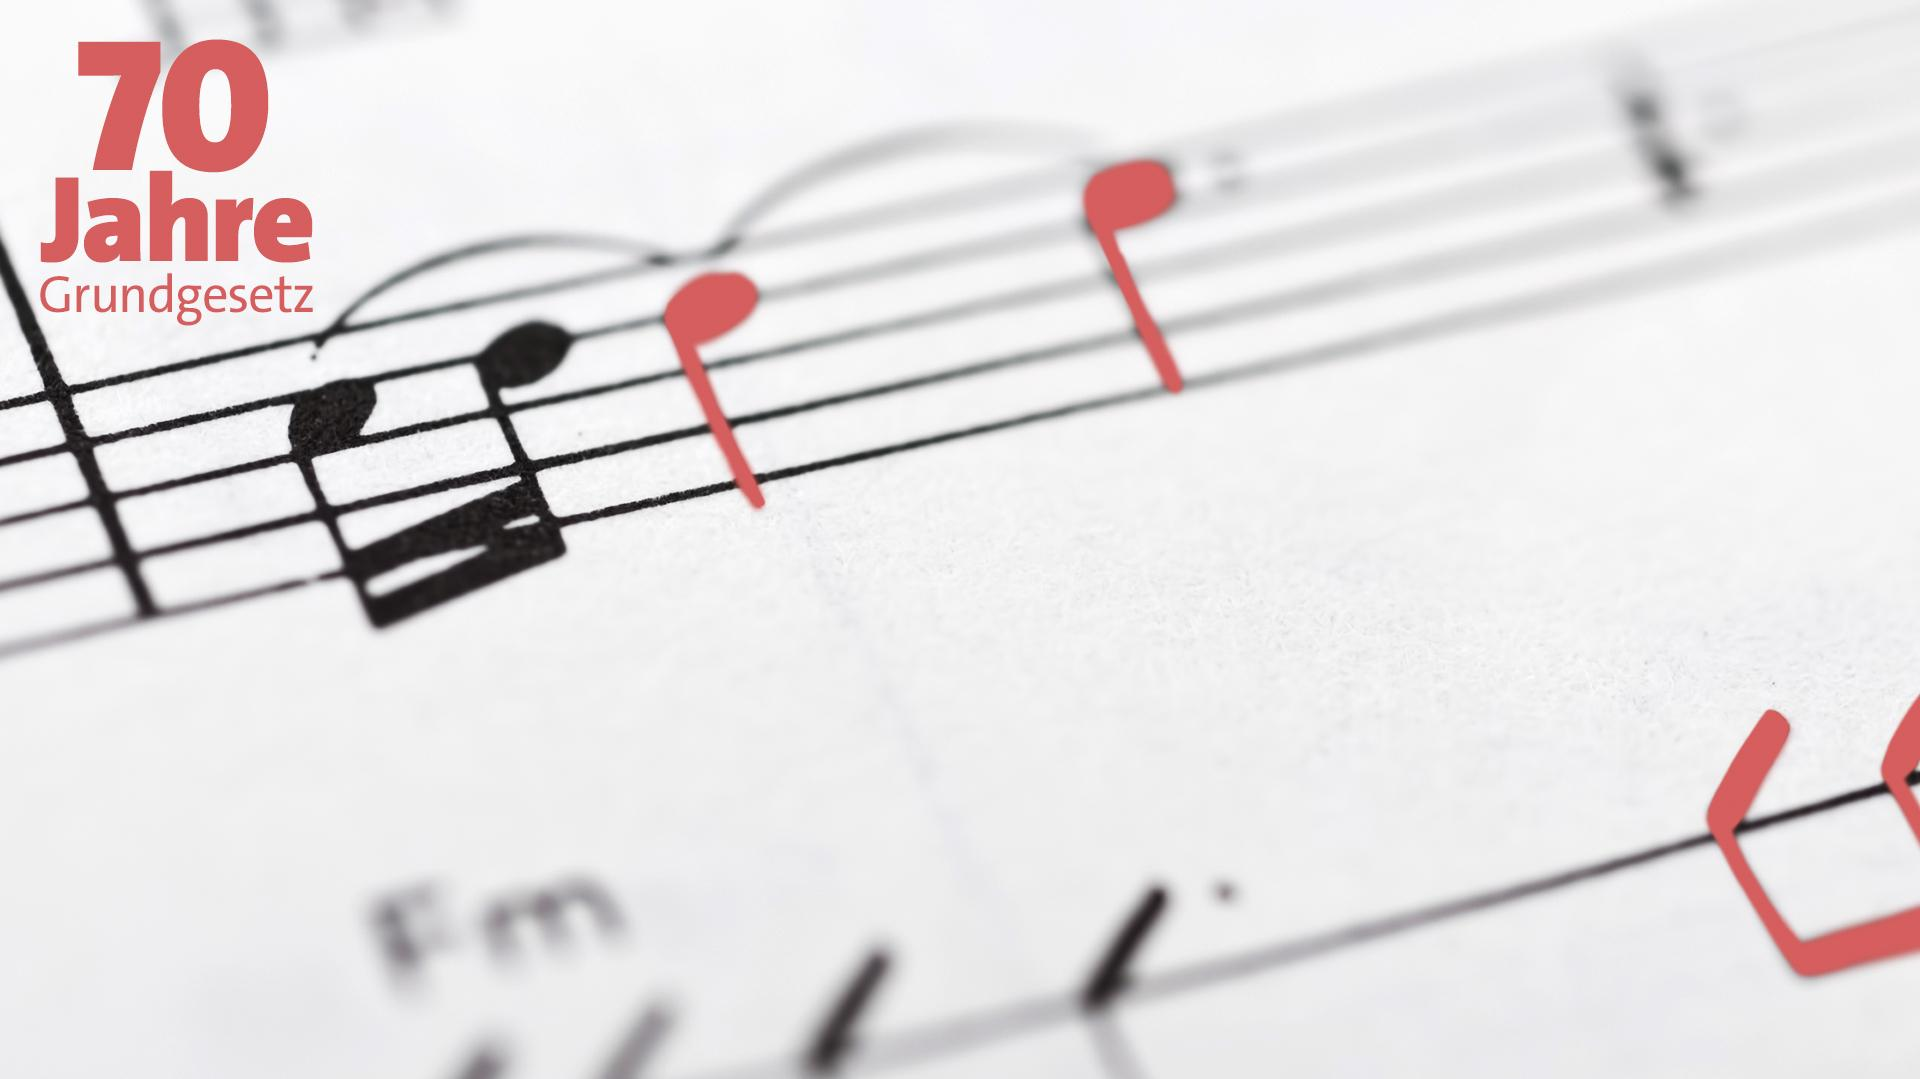 Nicht nur Böhmermann: Das Grundgesetz und die Musik